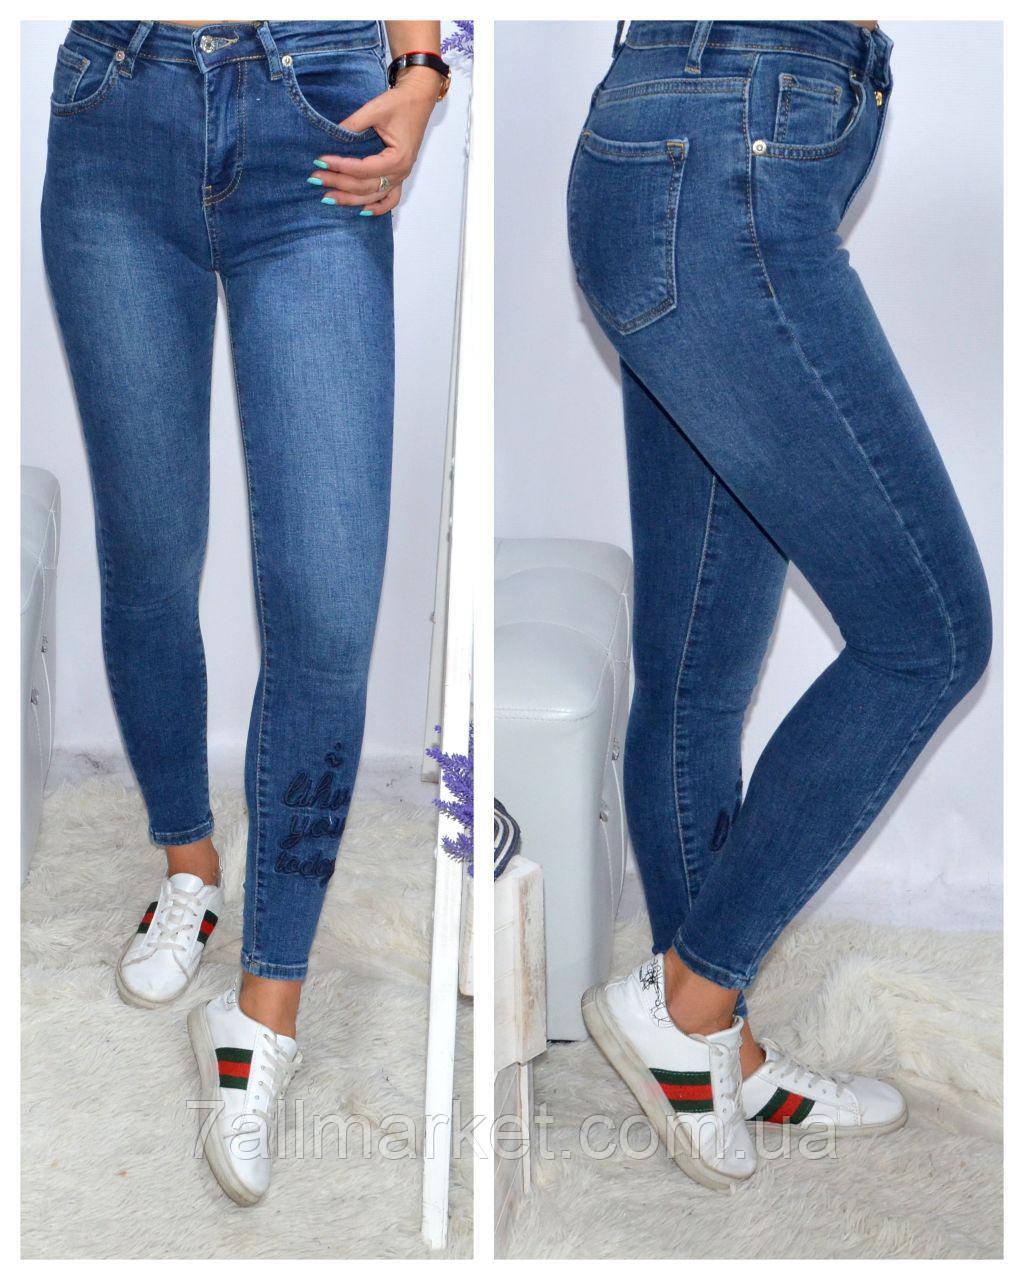 be0c6bfa993 Джинсы-американки женские NEW с вышивкой размеры 26-31 Серии